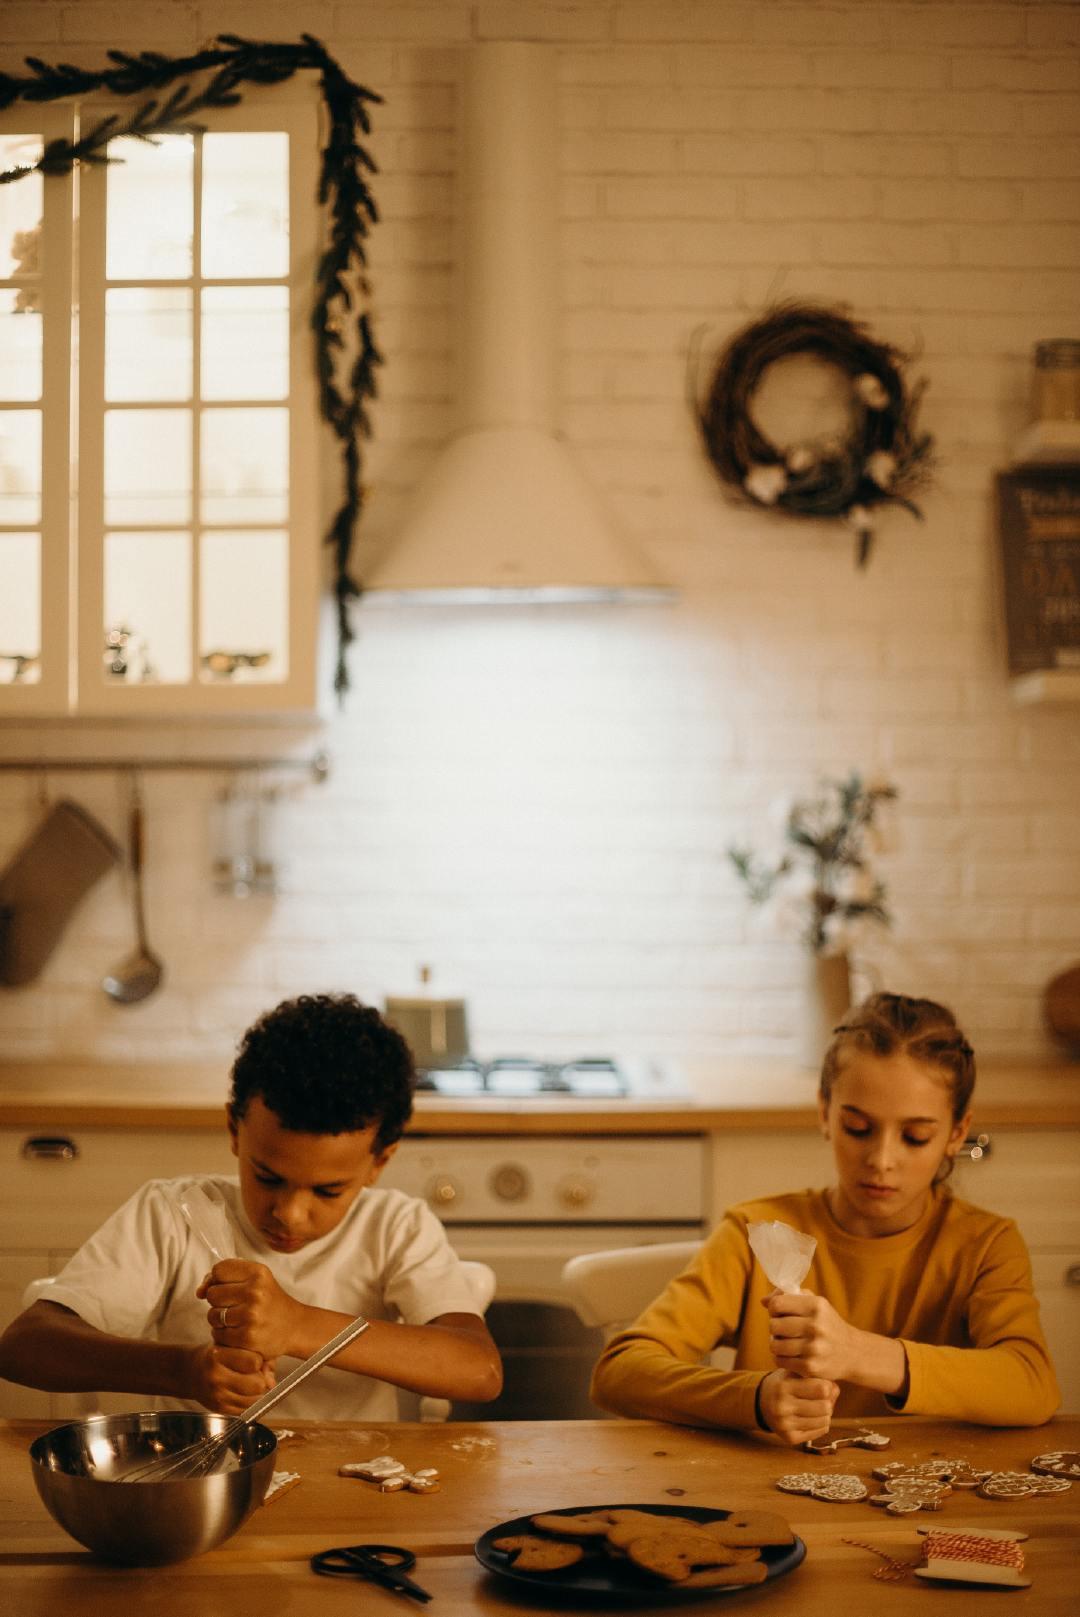 家庭厨房中做着烘焙的可爱孩子高清摄影图